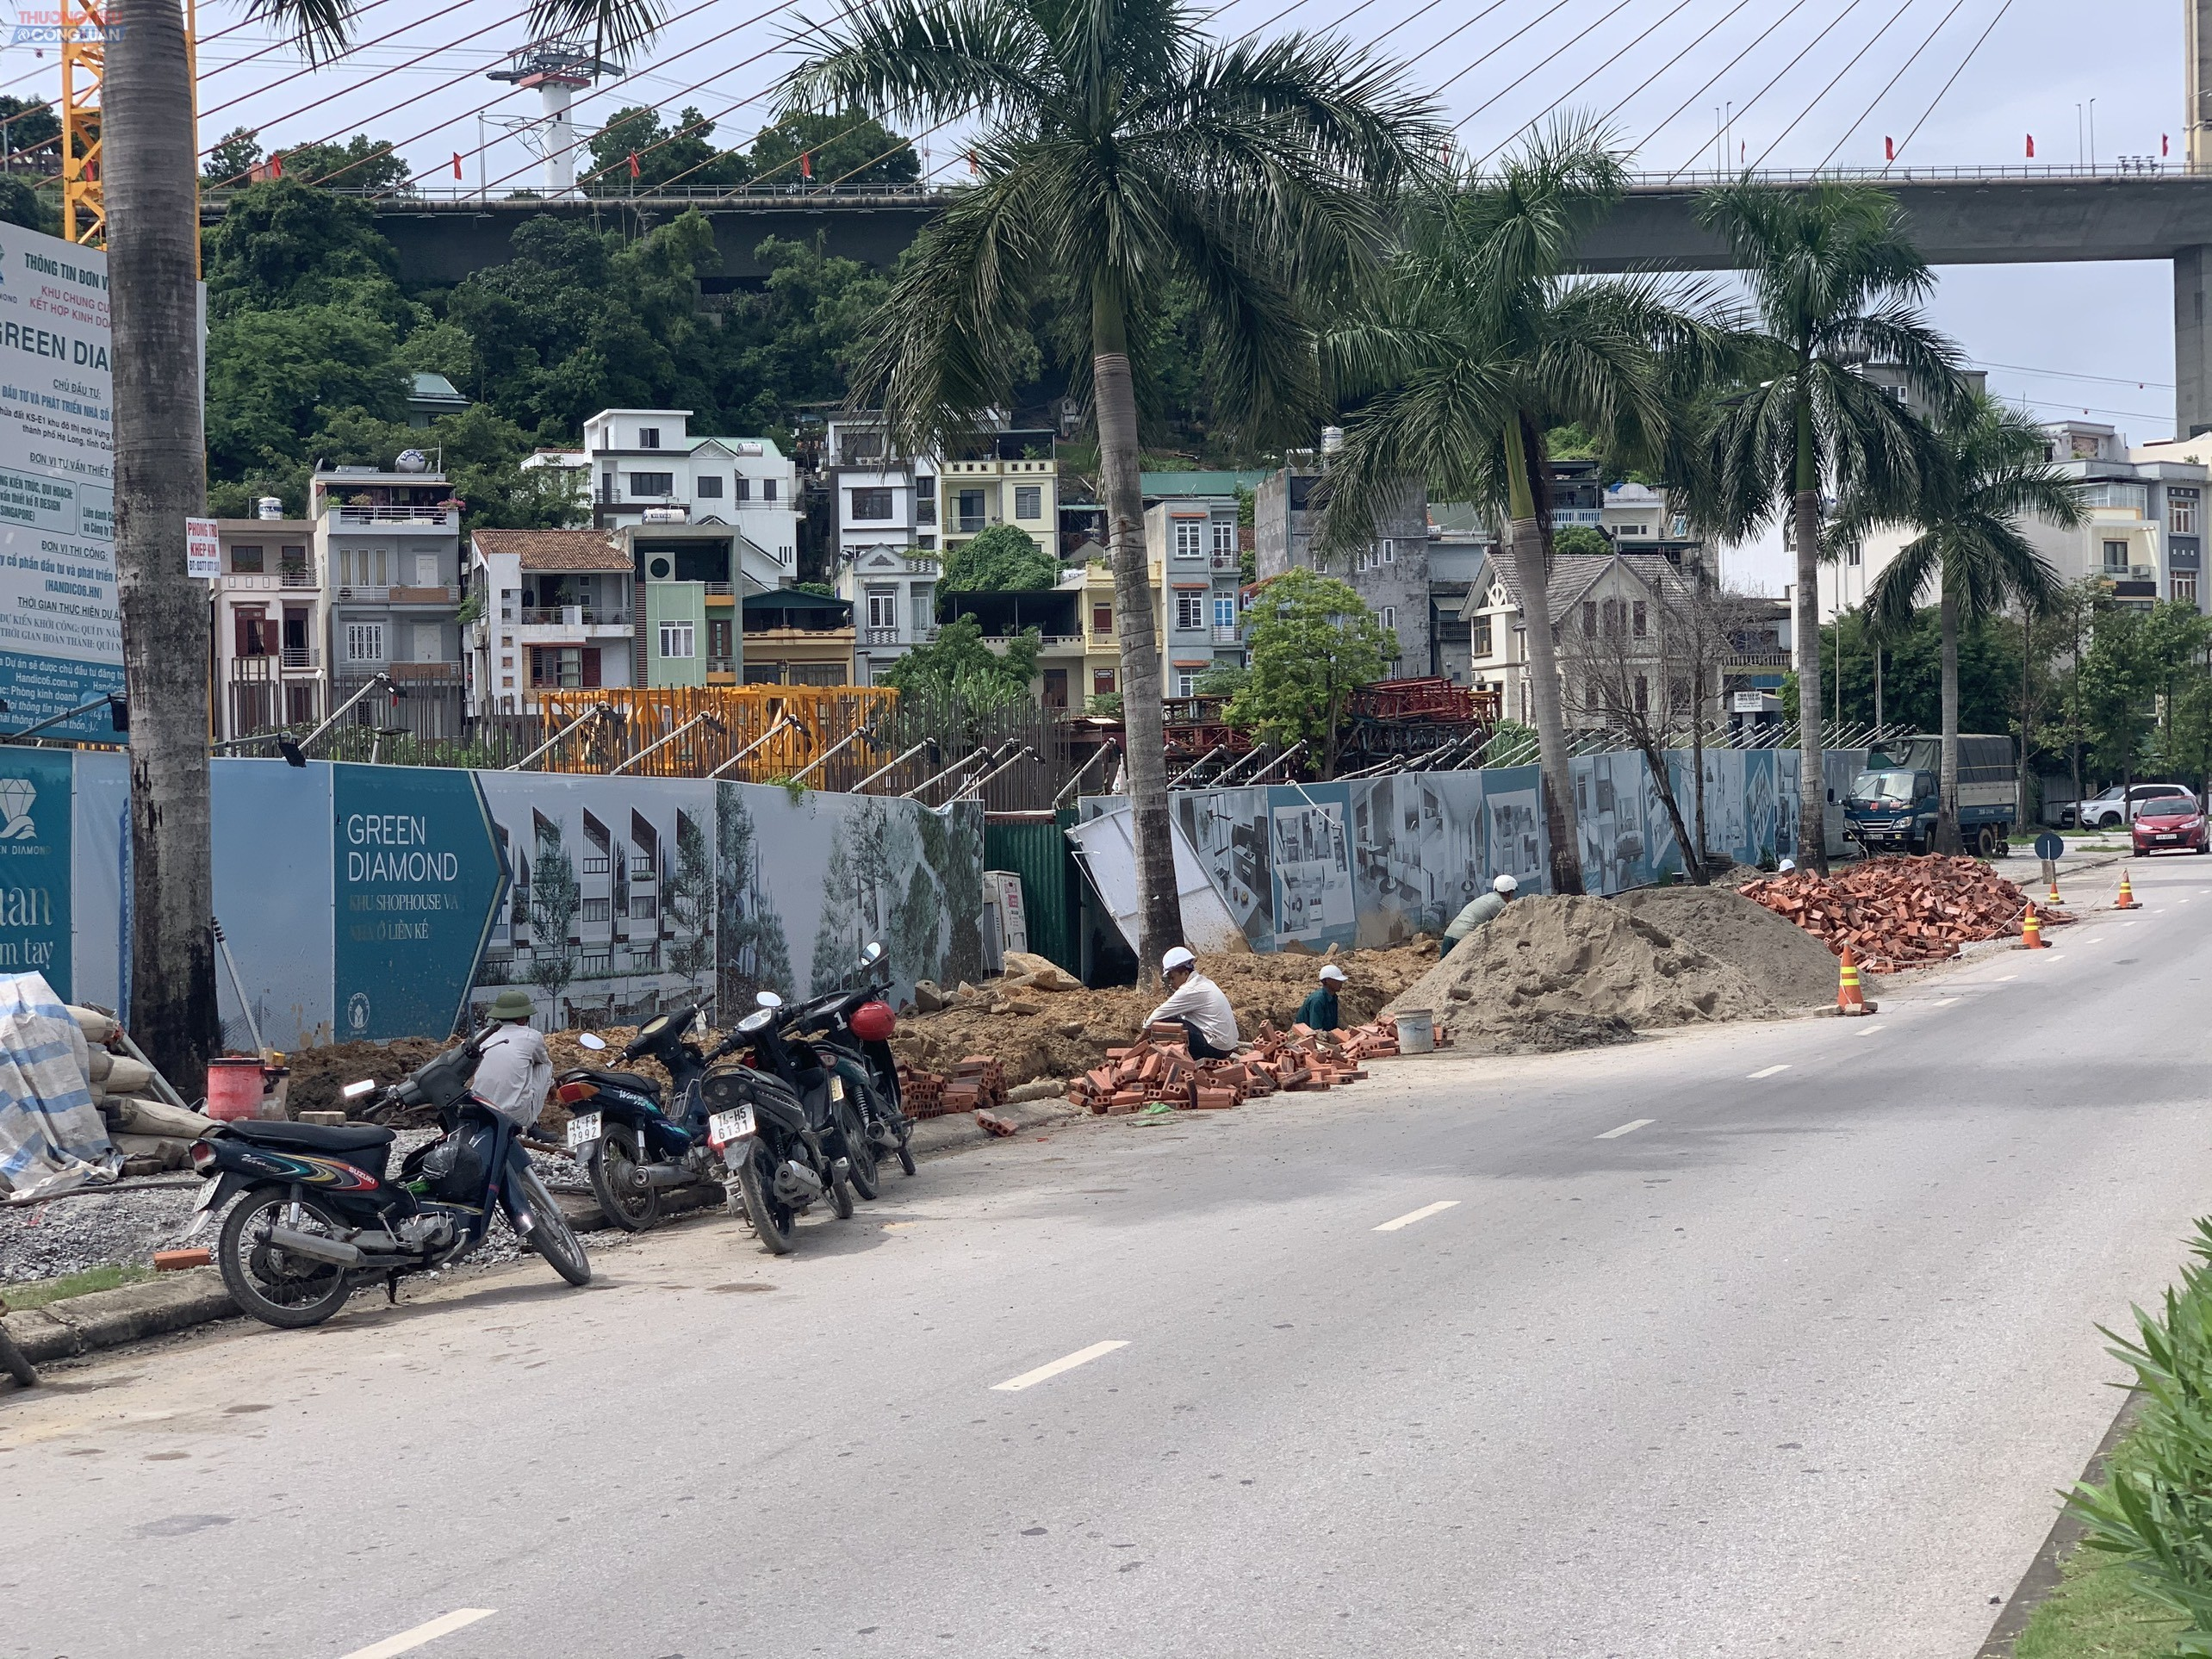 Sau hơn nửa tháng xảy ra sự cố sụt lún CĐT Handico6 vẫn chưa khắc phục, vật liệu để ngổn ngang chiếm 1/2 lòng đường Trần Thái Tông.